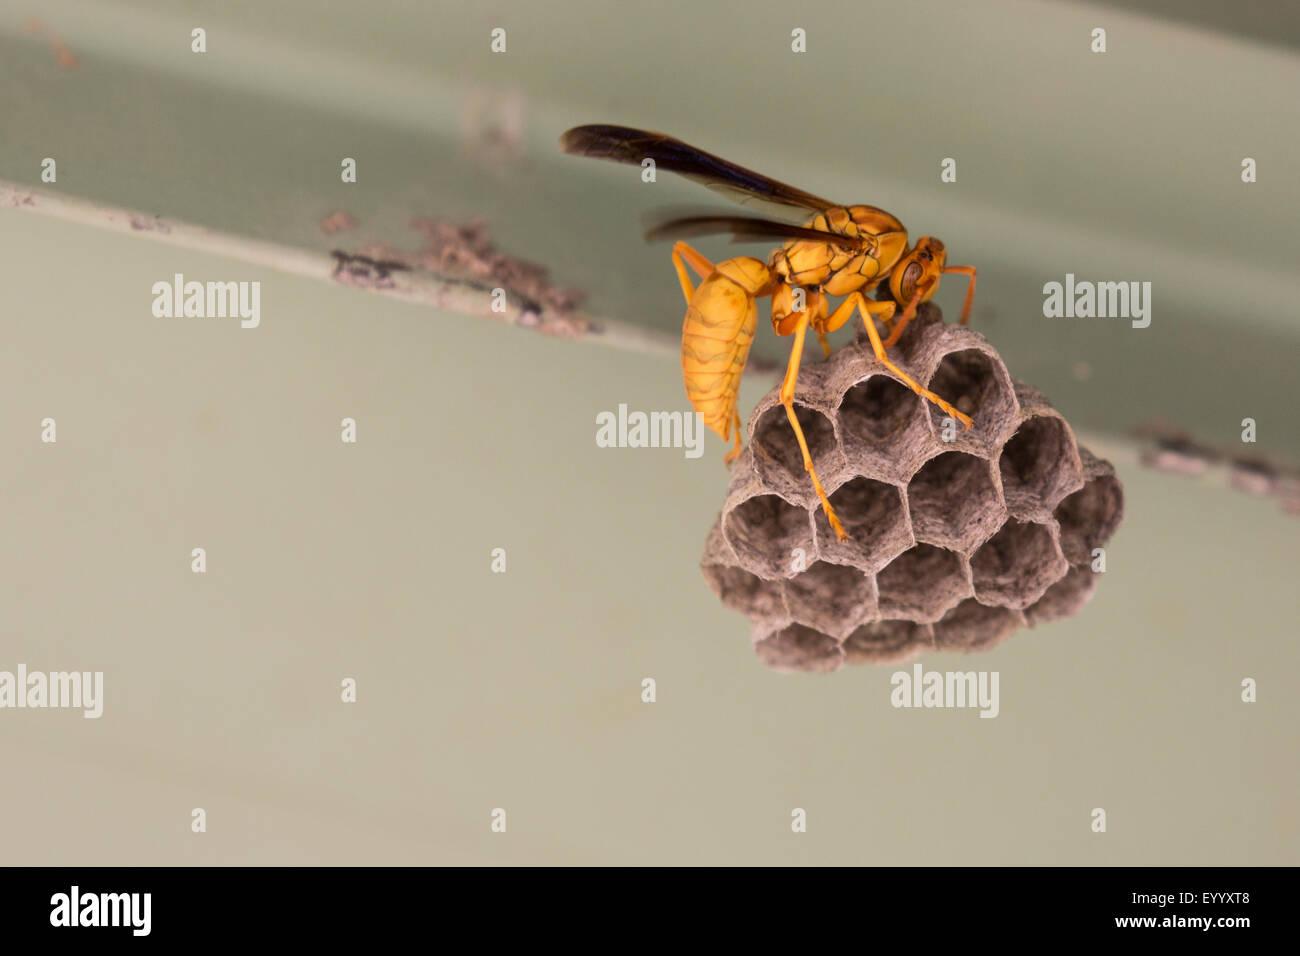 vespid wasps, social wasps (hornets & yellowjackets & potter wasps & paper wasps) (Vesperidae, - Stock Image